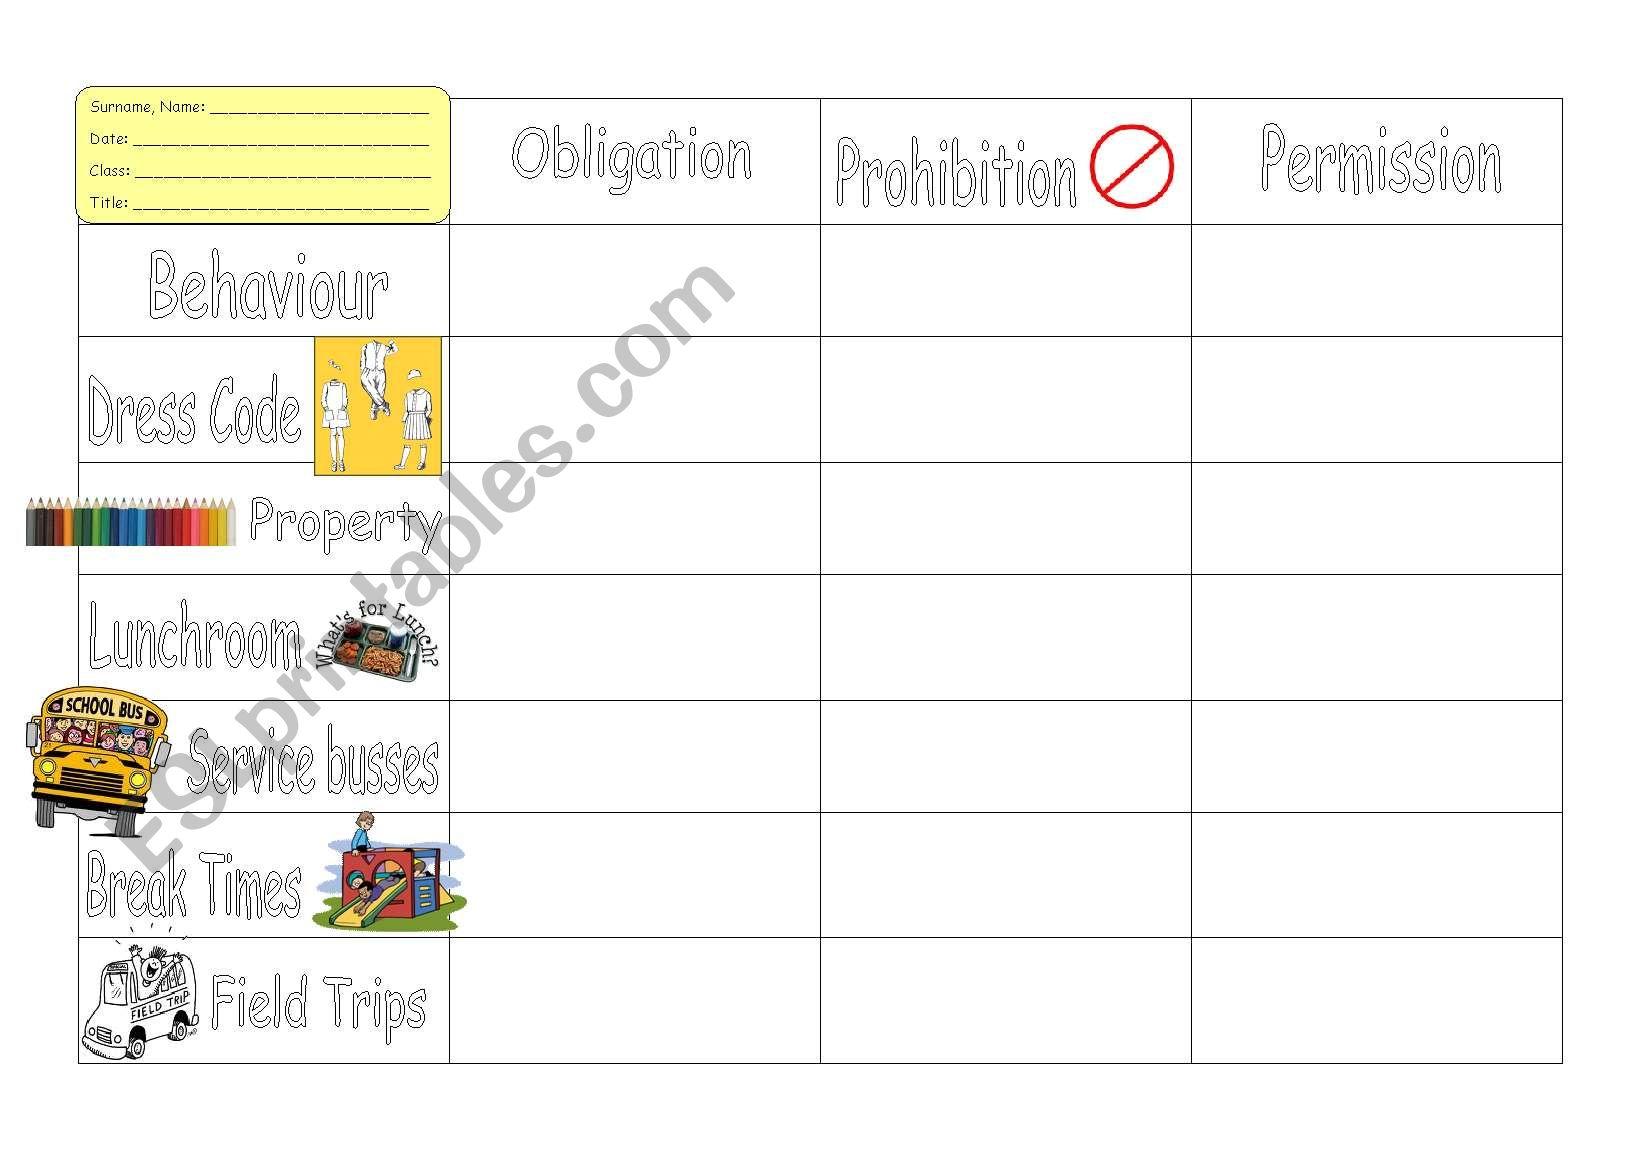 My dream school worksheet